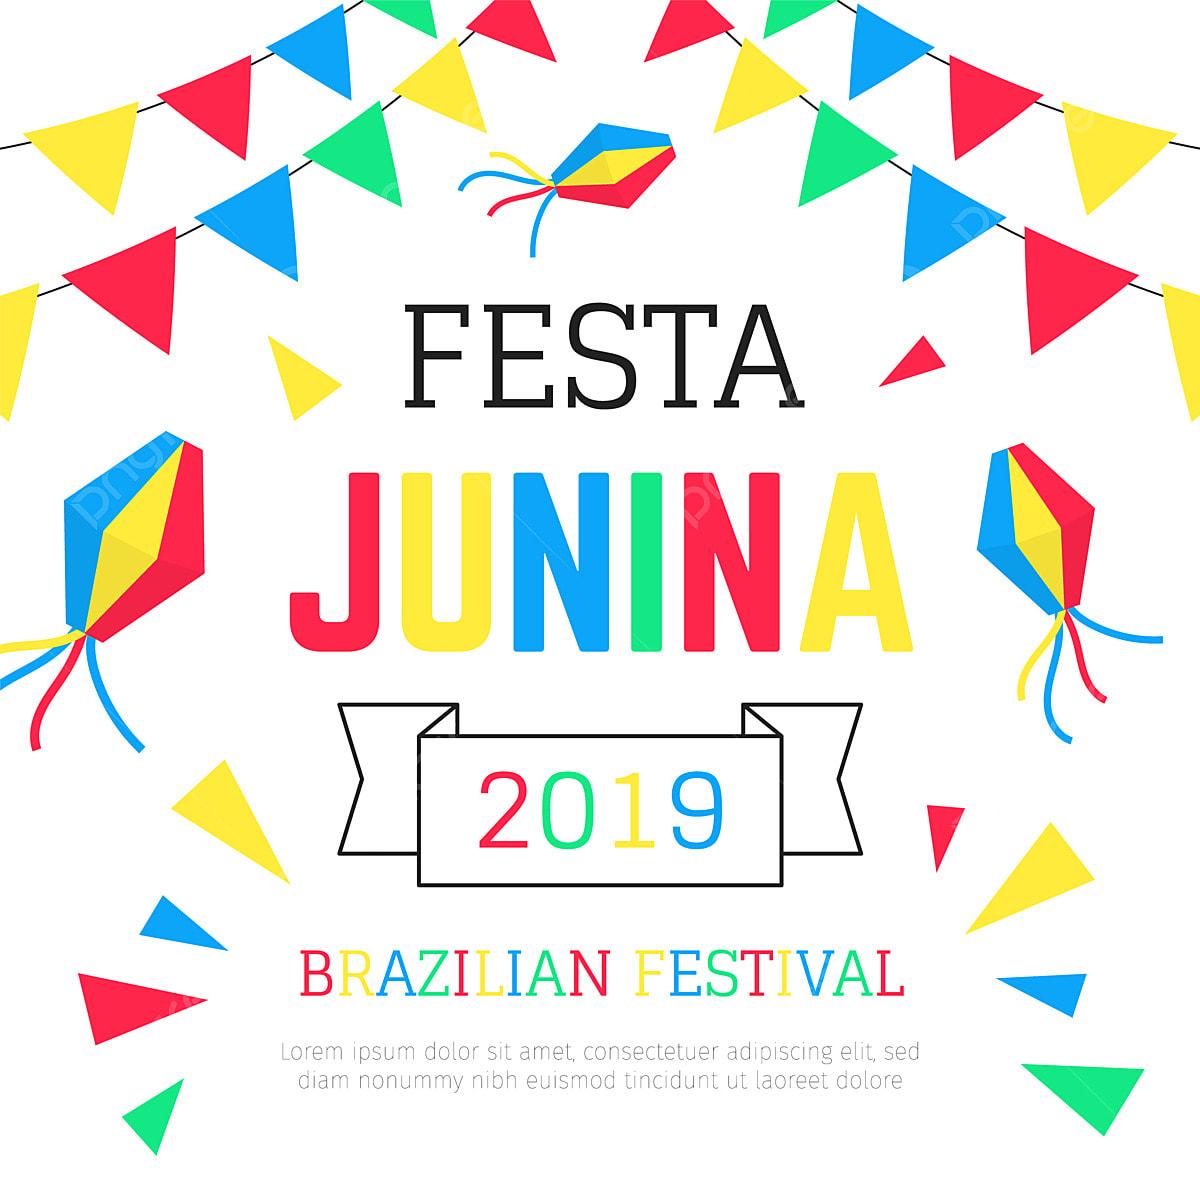 Festa Junina Png Vetores Psd E Clipart Para Download Gratuito